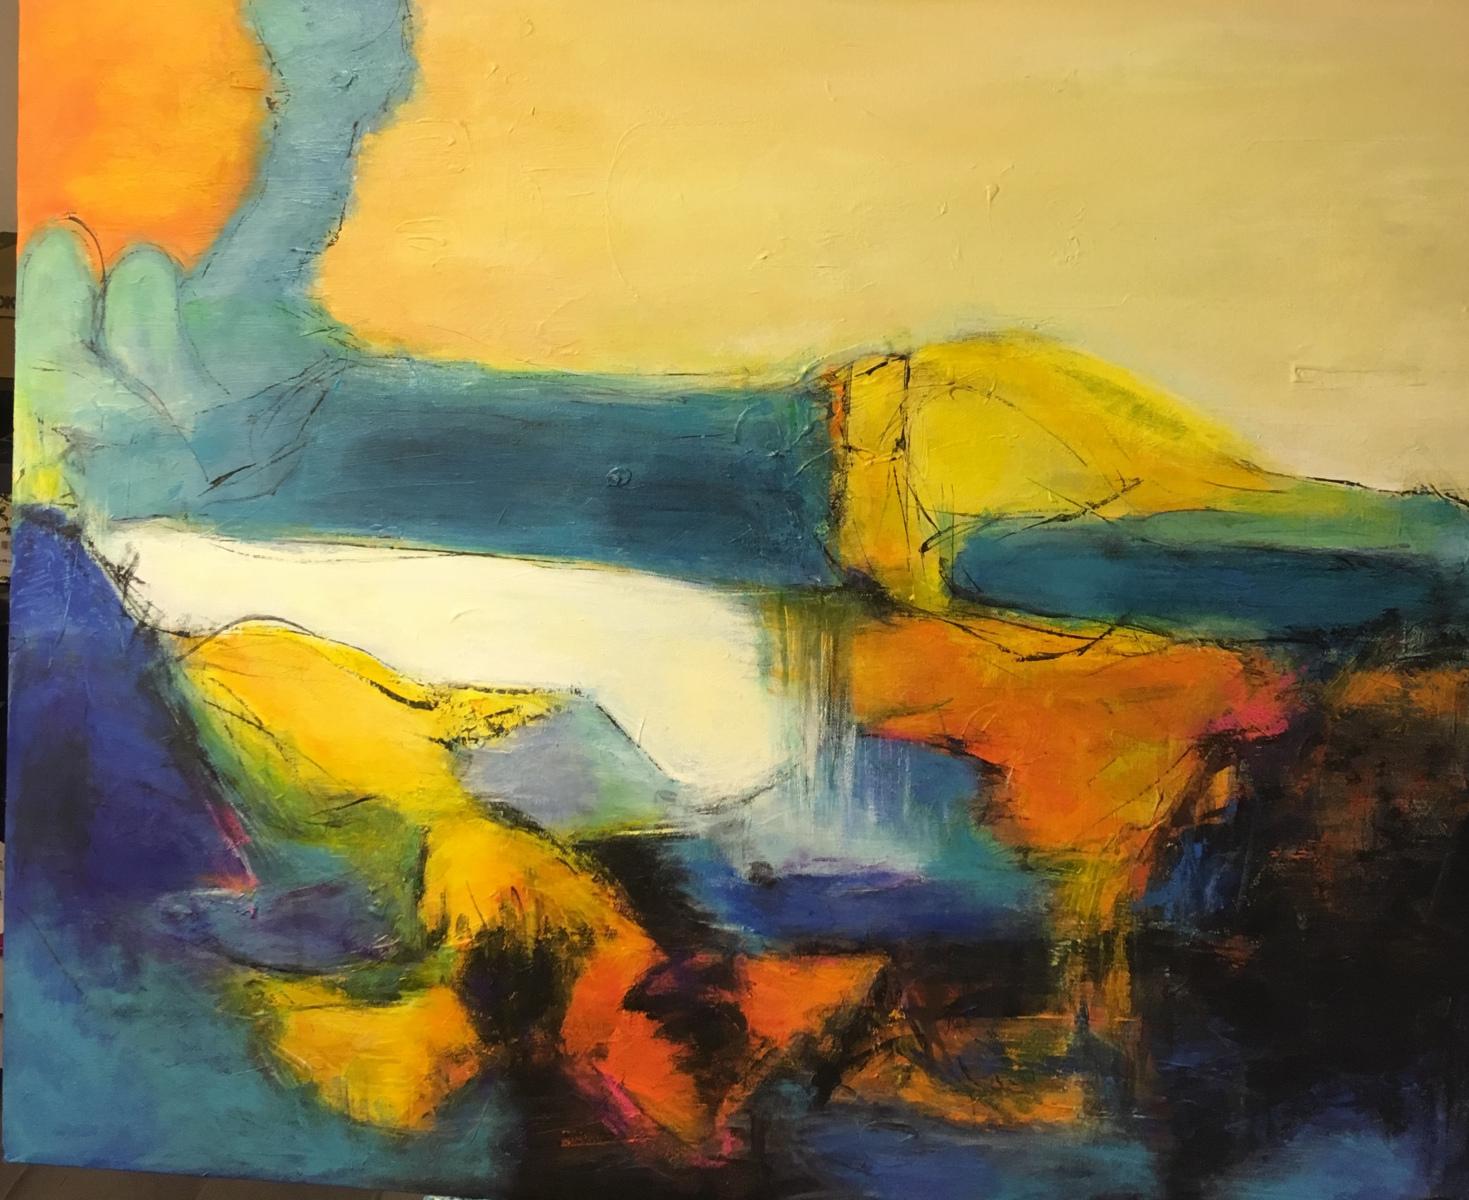 Abstrakt landskab måler 90 x 70 cm